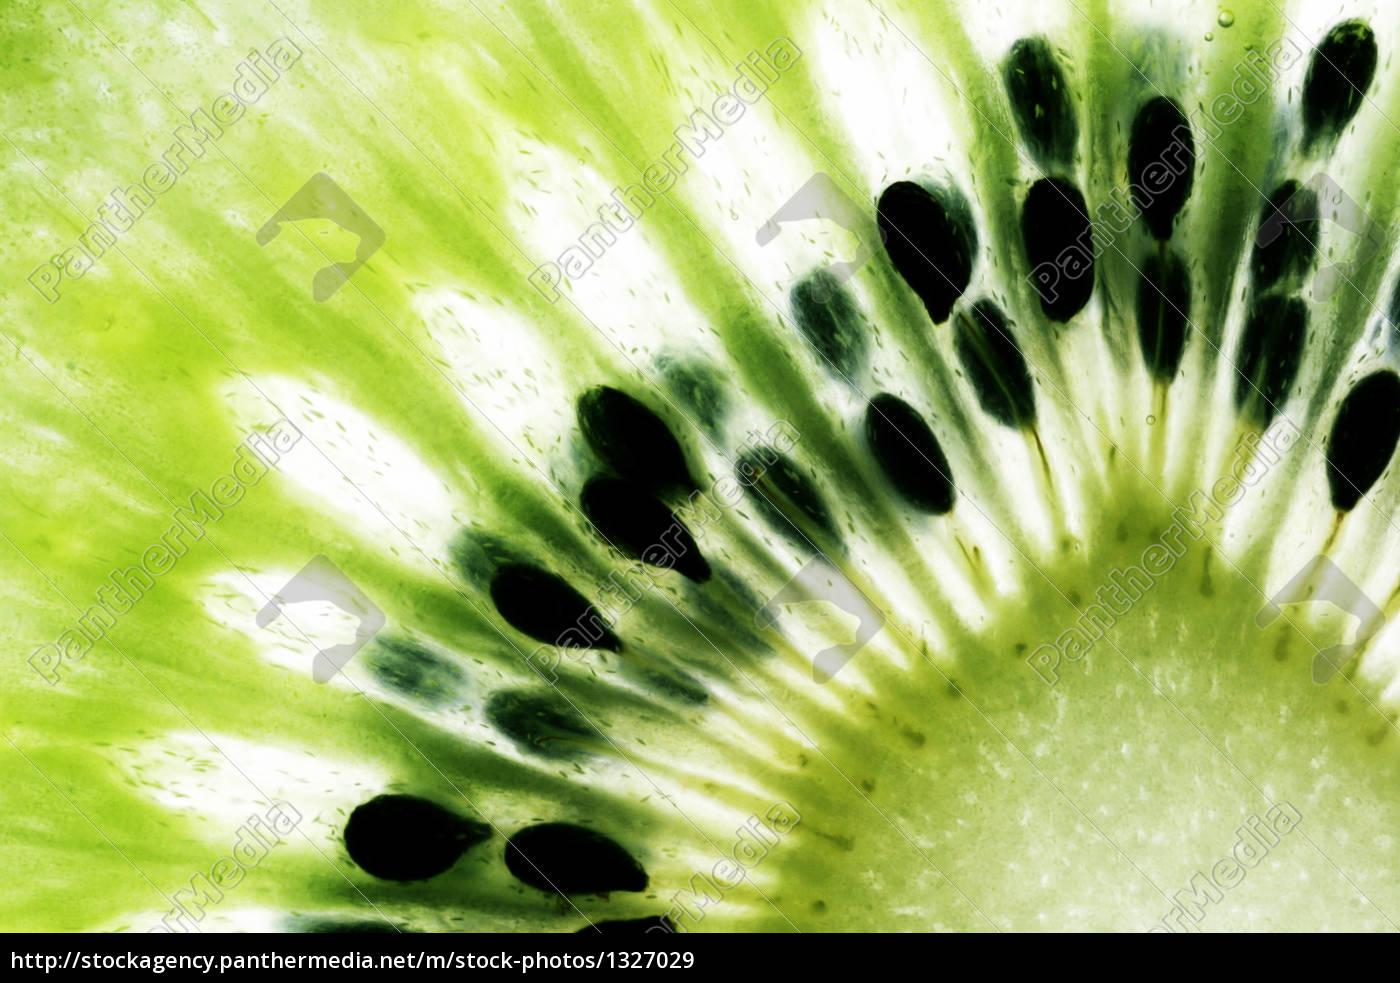 kiwi, fruit - 1327029